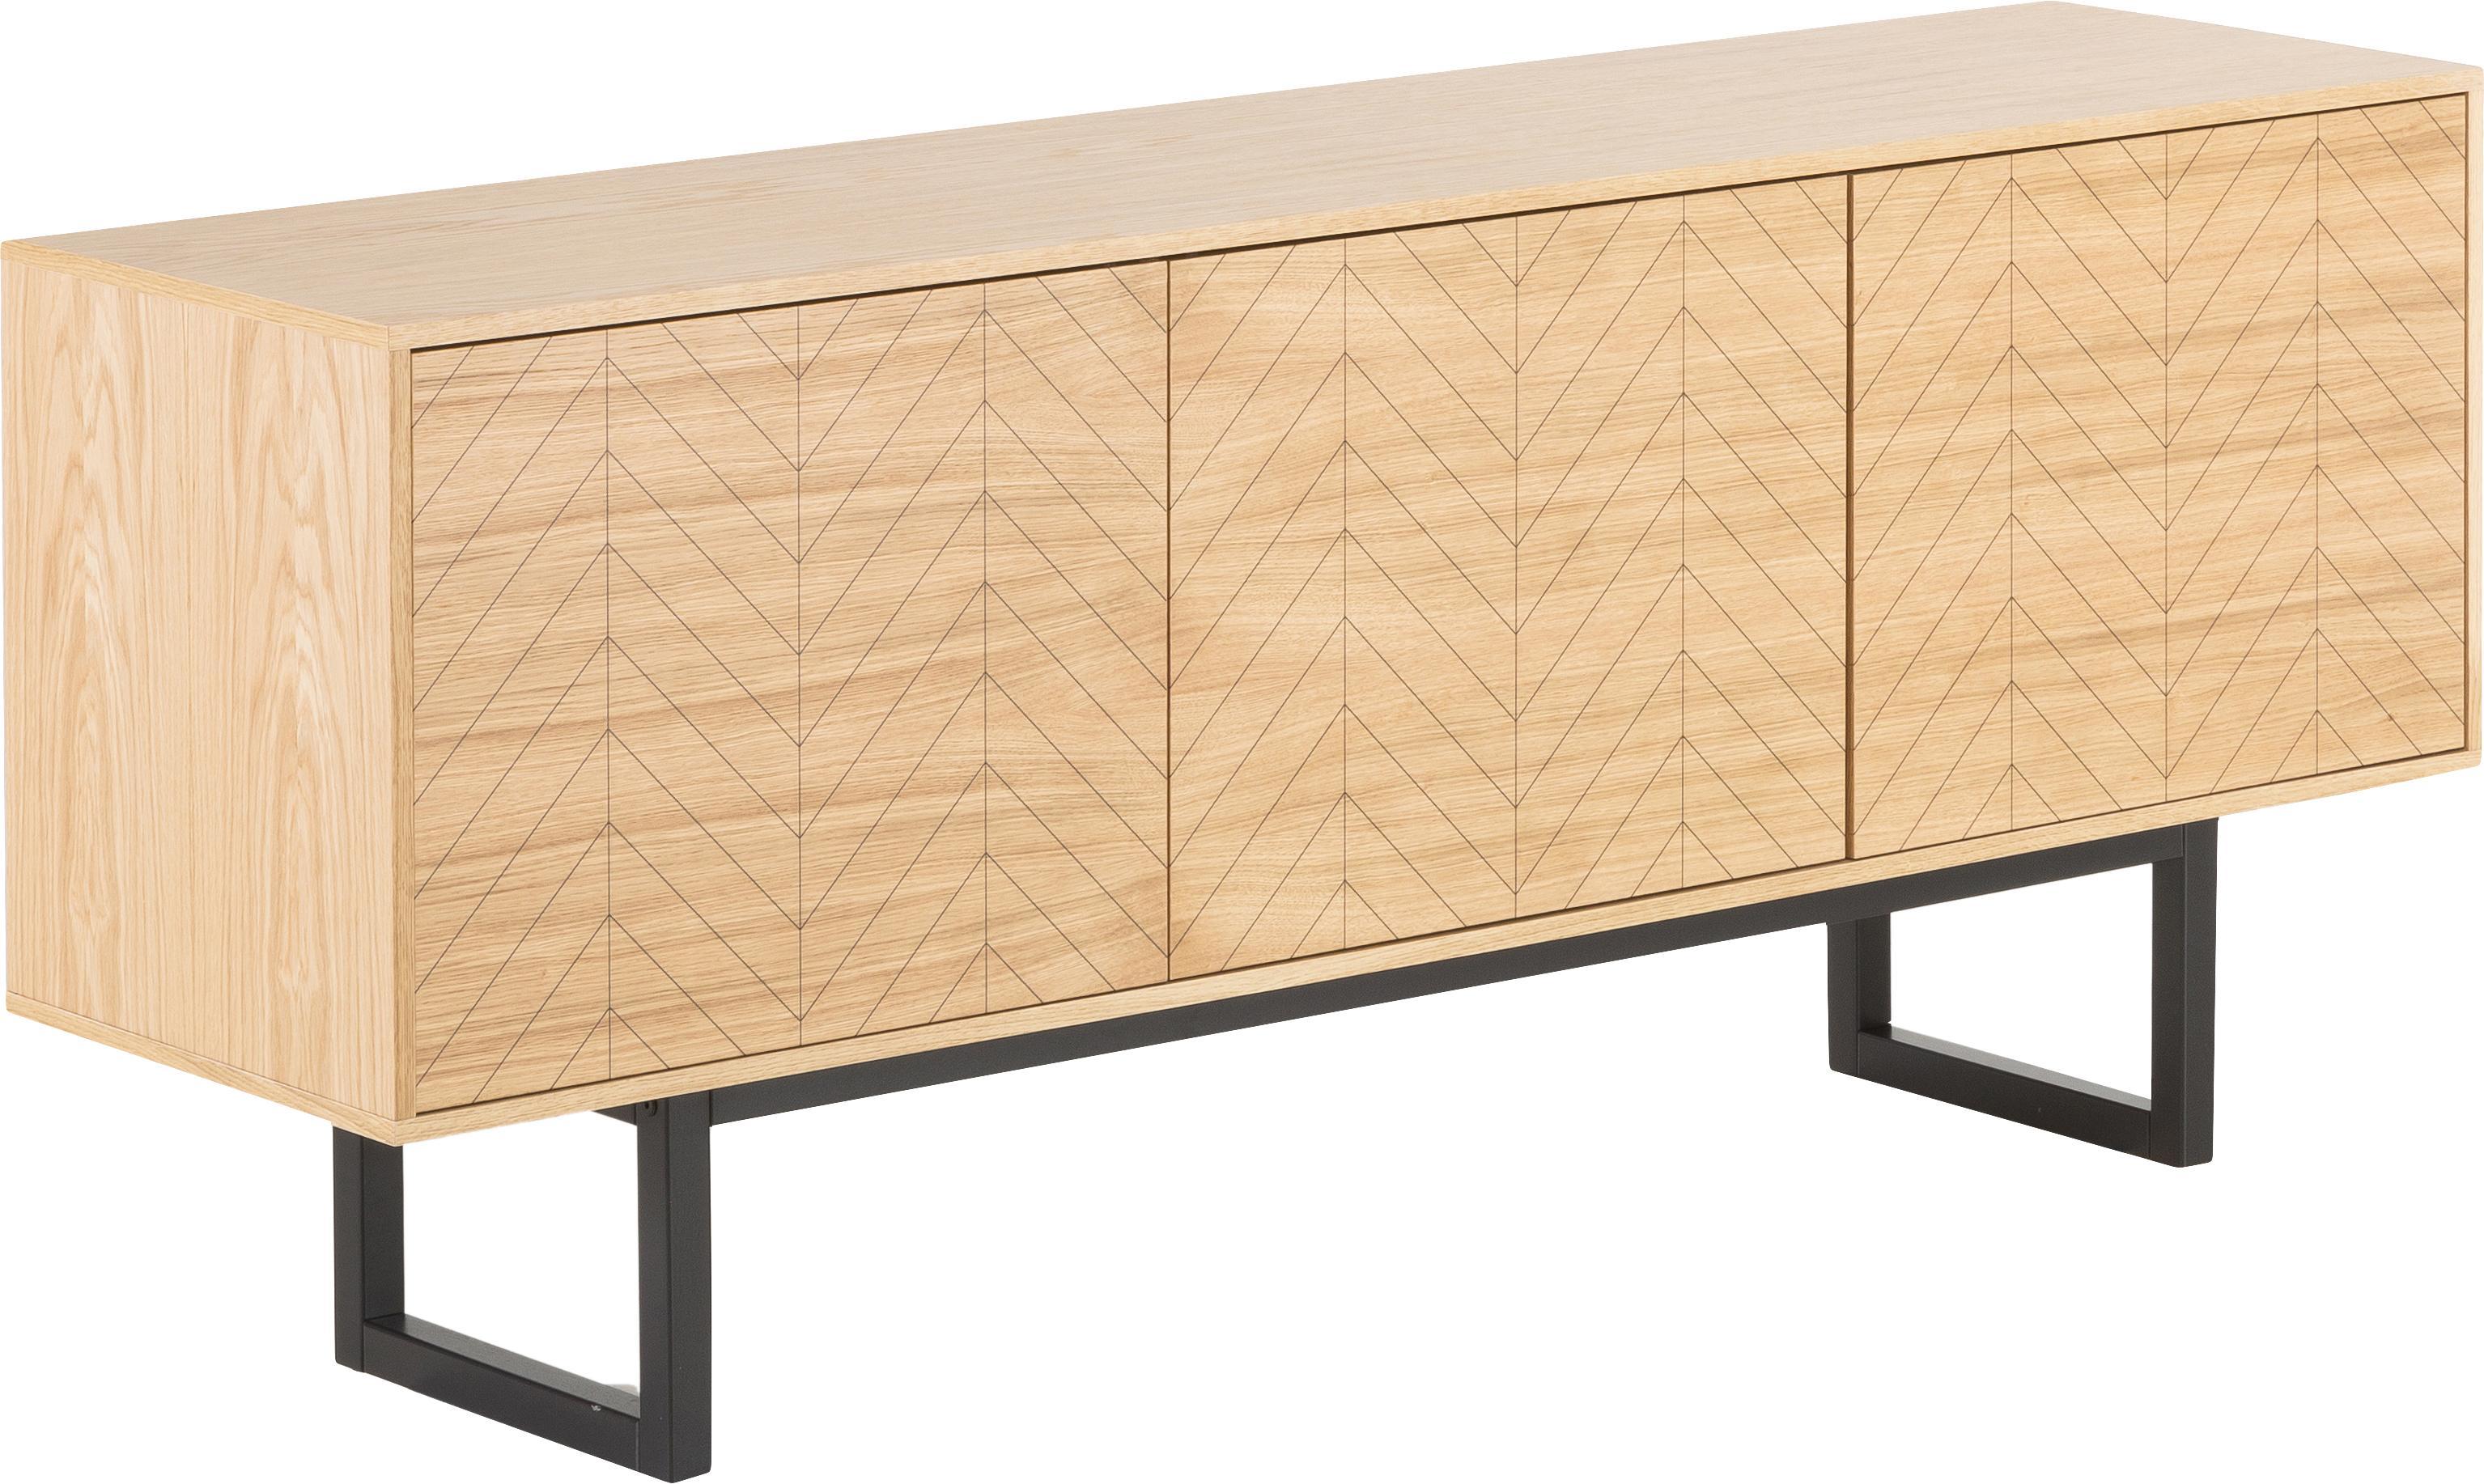 Design dressoir Camden met eikenhoutfineer, Frame: MDF met eikenhoutfineer, Poten: gelakt berkenhout, Eikenhoutkleurig, 175 x 75 cm